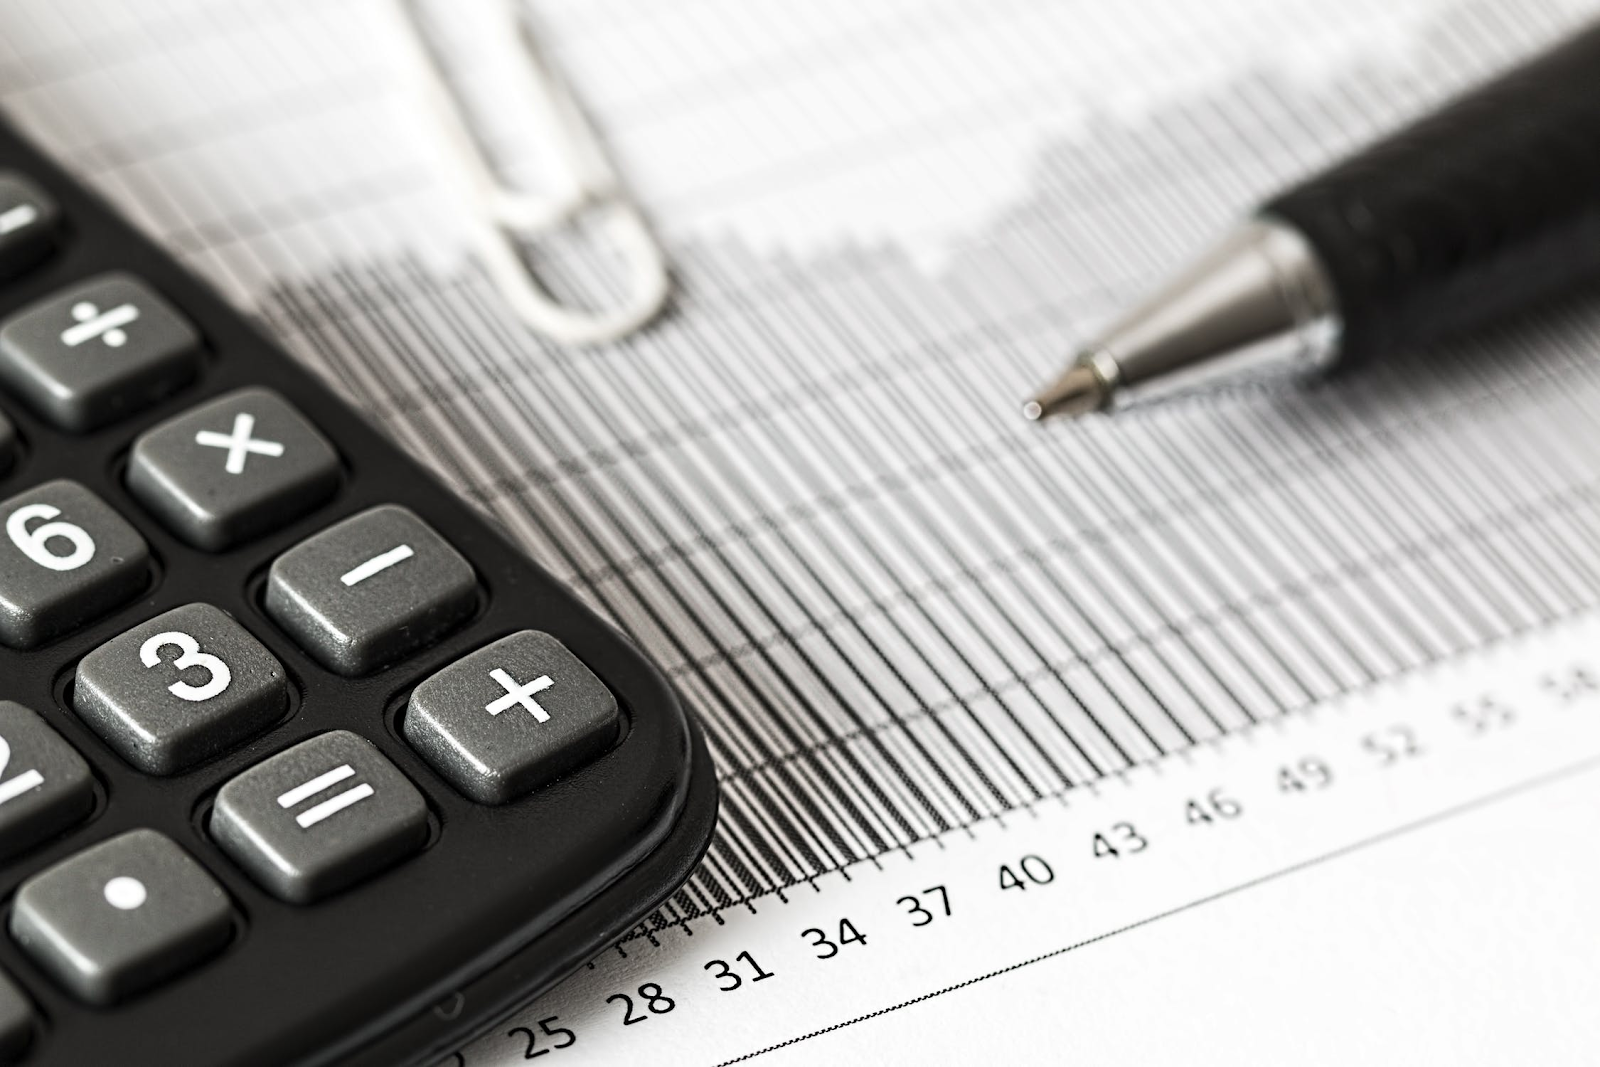 Qu'est-ce qu'un formulaire d'impôt 1099-MISC (pour les blogueurs)? Image du formulaire fiscal